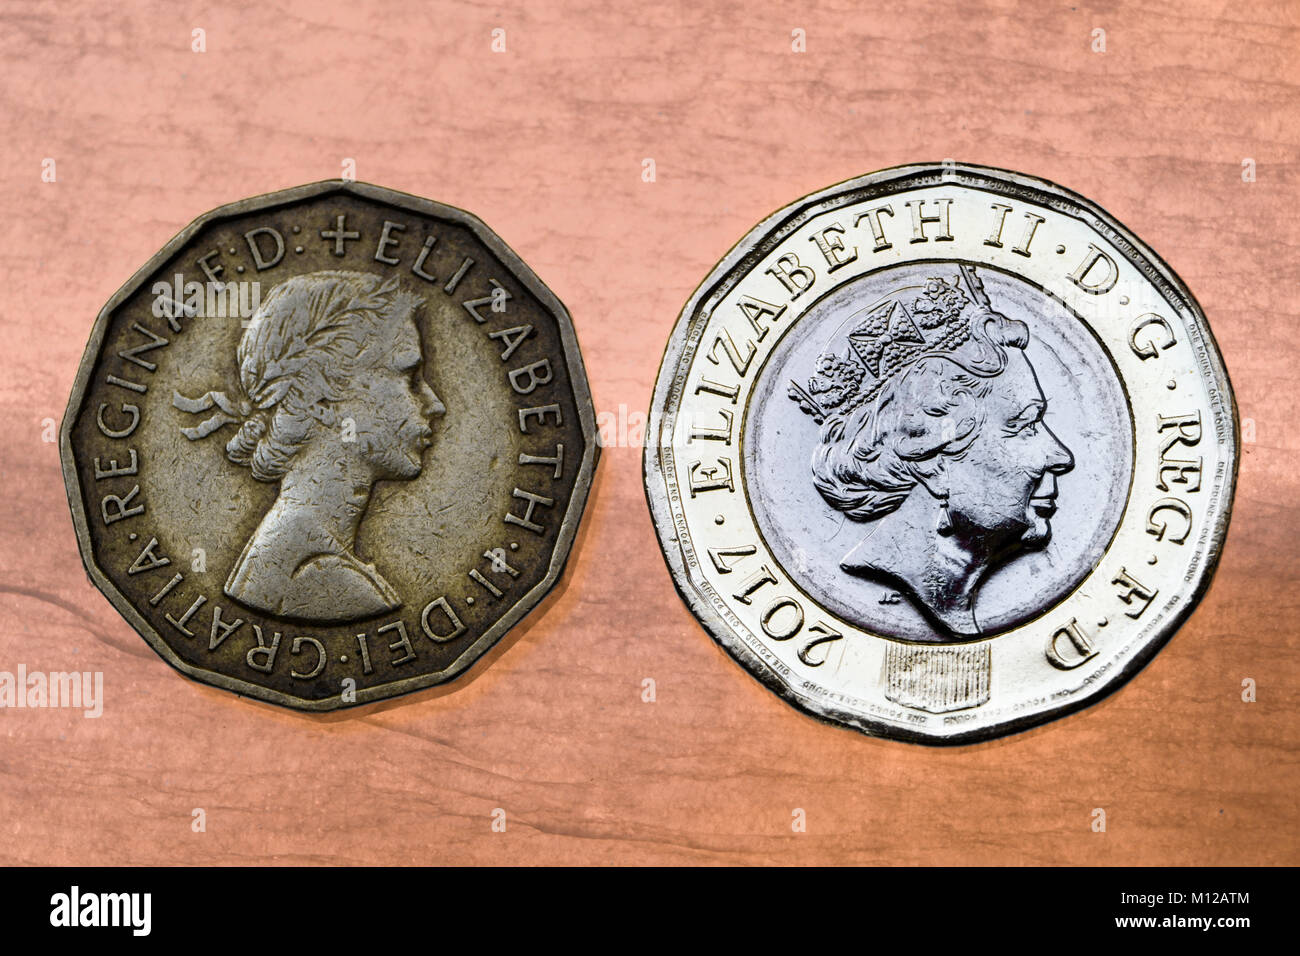 Das Vereinigte Königreich 12 Seitig Neue Pound Münze Und Das